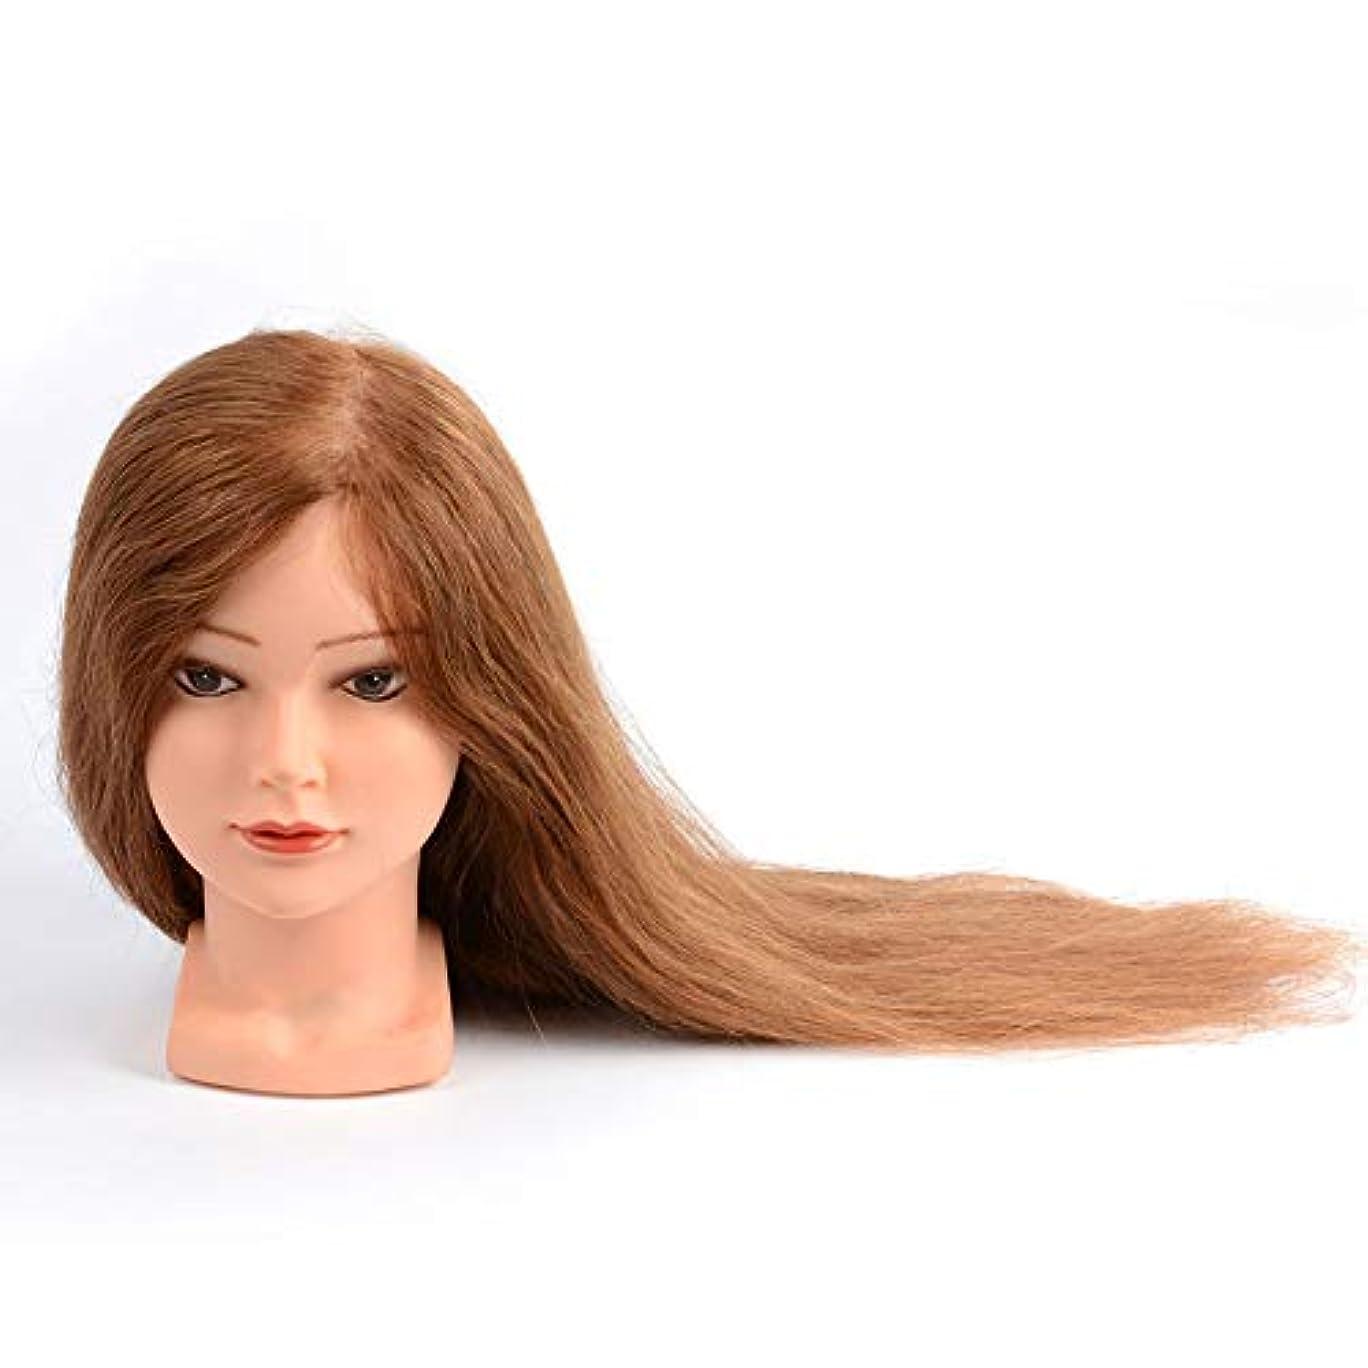 ブランド名用心深い削る実在の人の髪のダミーヘッド理髪店学習パーマ髪染めウィッグモデルヘッド花嫁メイクスタイル教育ヘッド